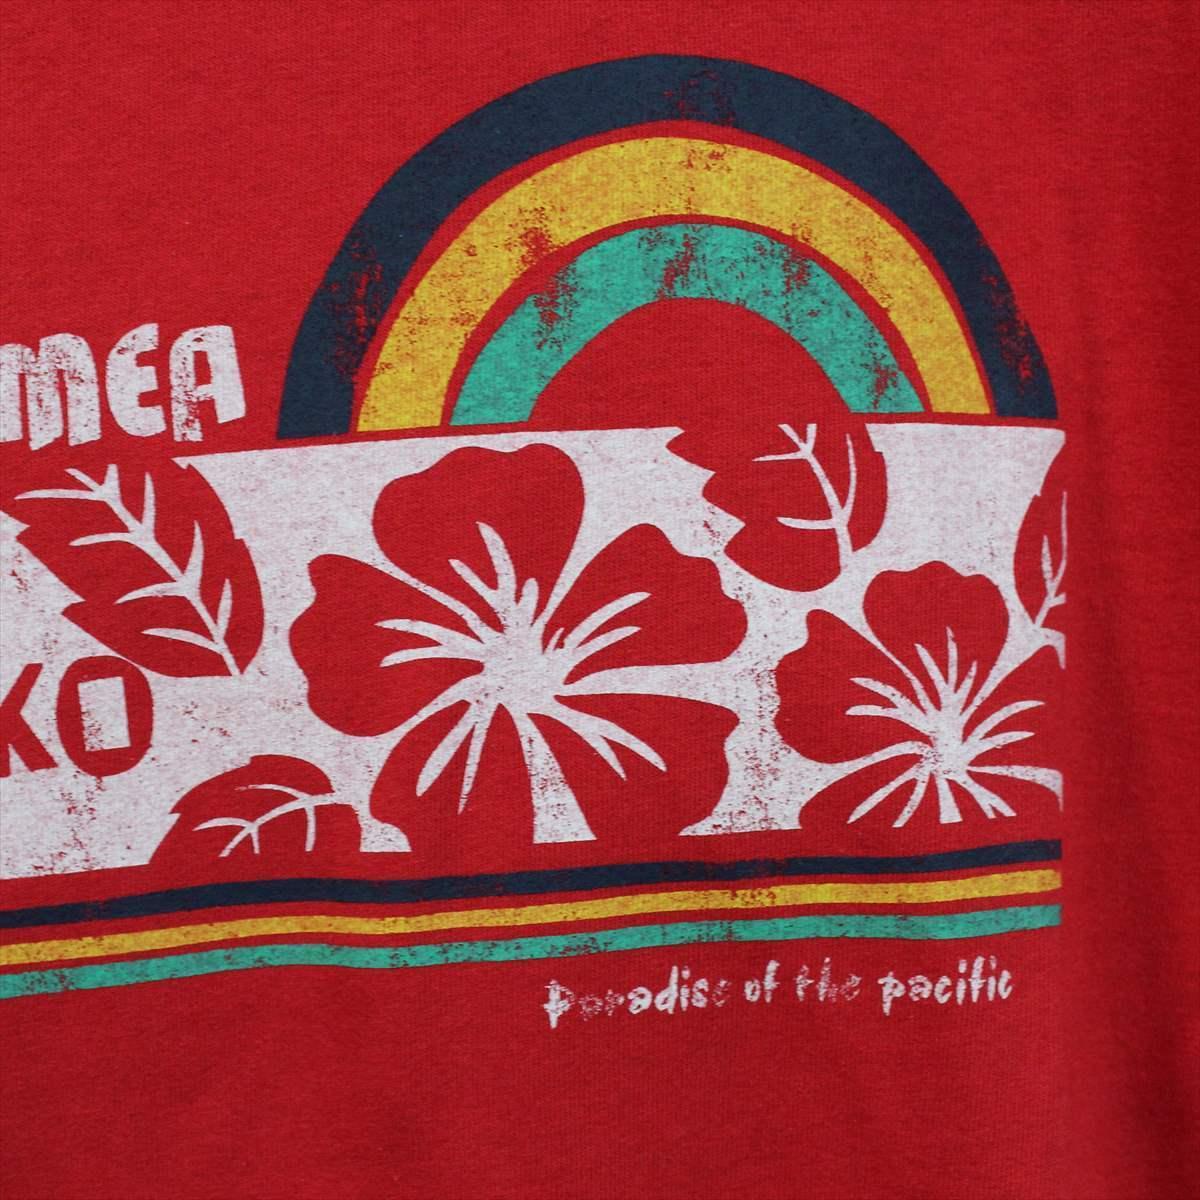 ピコ PIKO メンズ半袖Tシャツ レッド XLサイズ 新品 HAWAIIAN LONGBOARD WEAR 赤_画像2